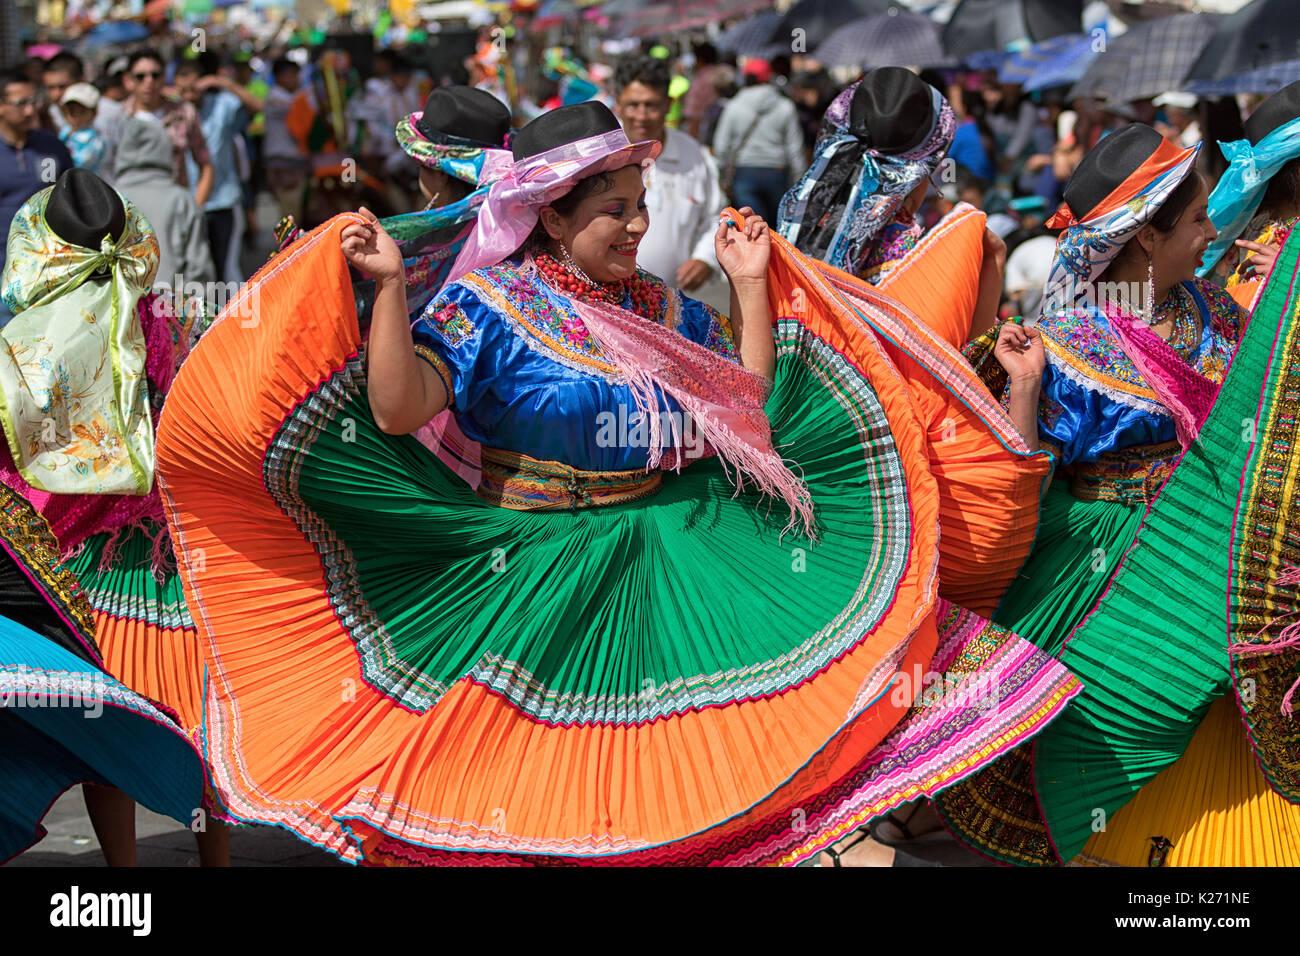 17 juin 2017, l'Équateur Pujili: danseuse en costume traditionnel lors de la parade annuelle du Corpus Christi Photo Stock